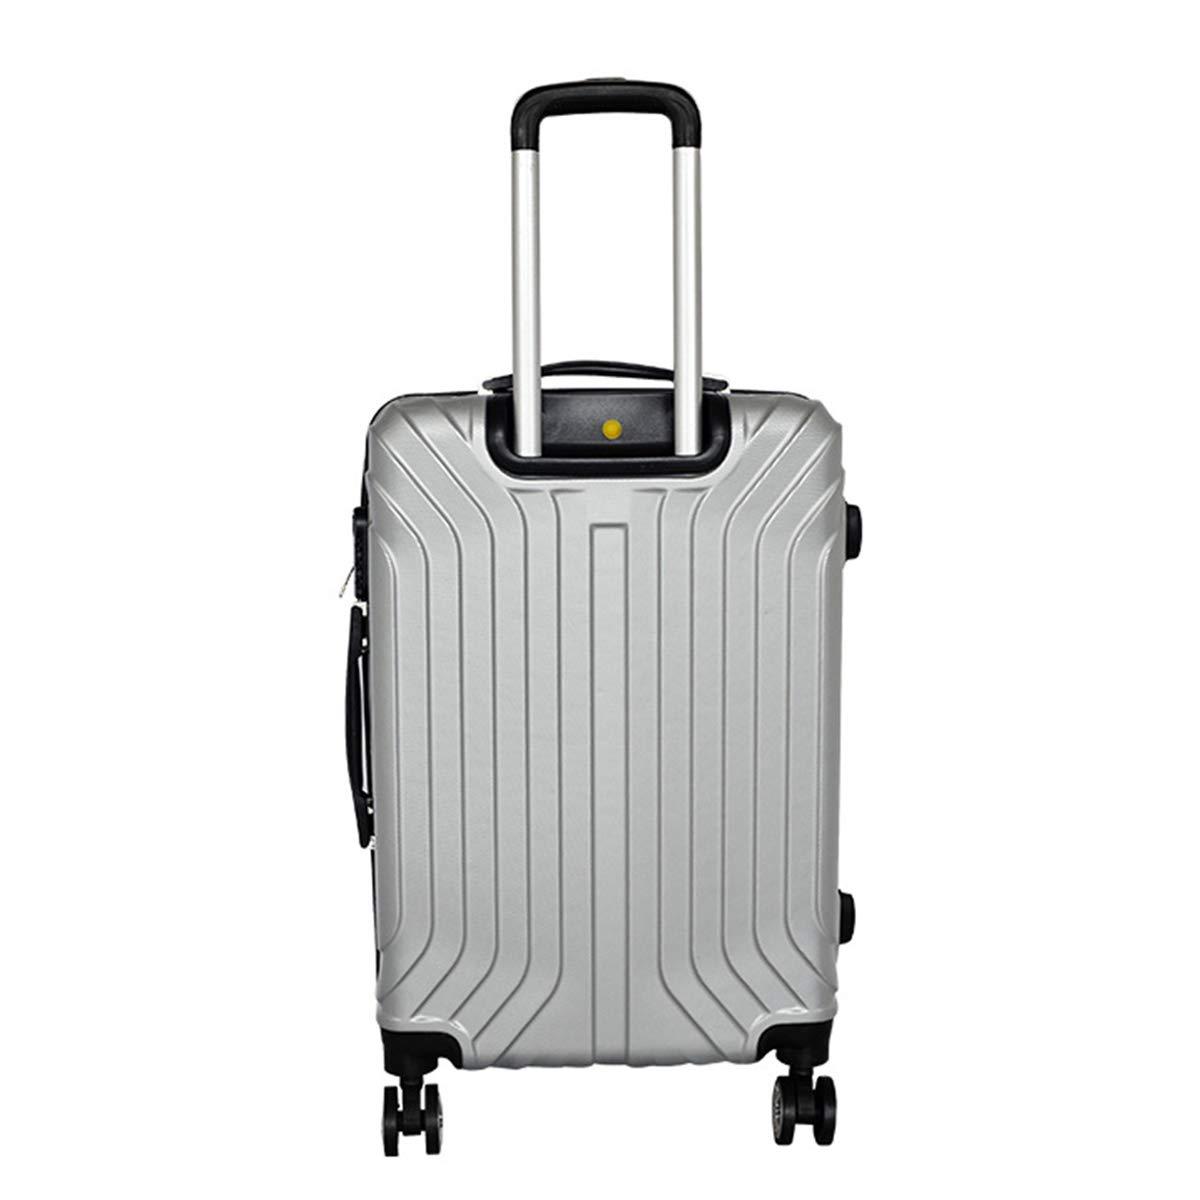 インテリジェントアンチロスト荷物スーツケース防水高級出張トロリーケース耐摩耗性360°回転ホイール&TSA税関ロック,silver,24inch 24inch silver B07QJ1KJPH